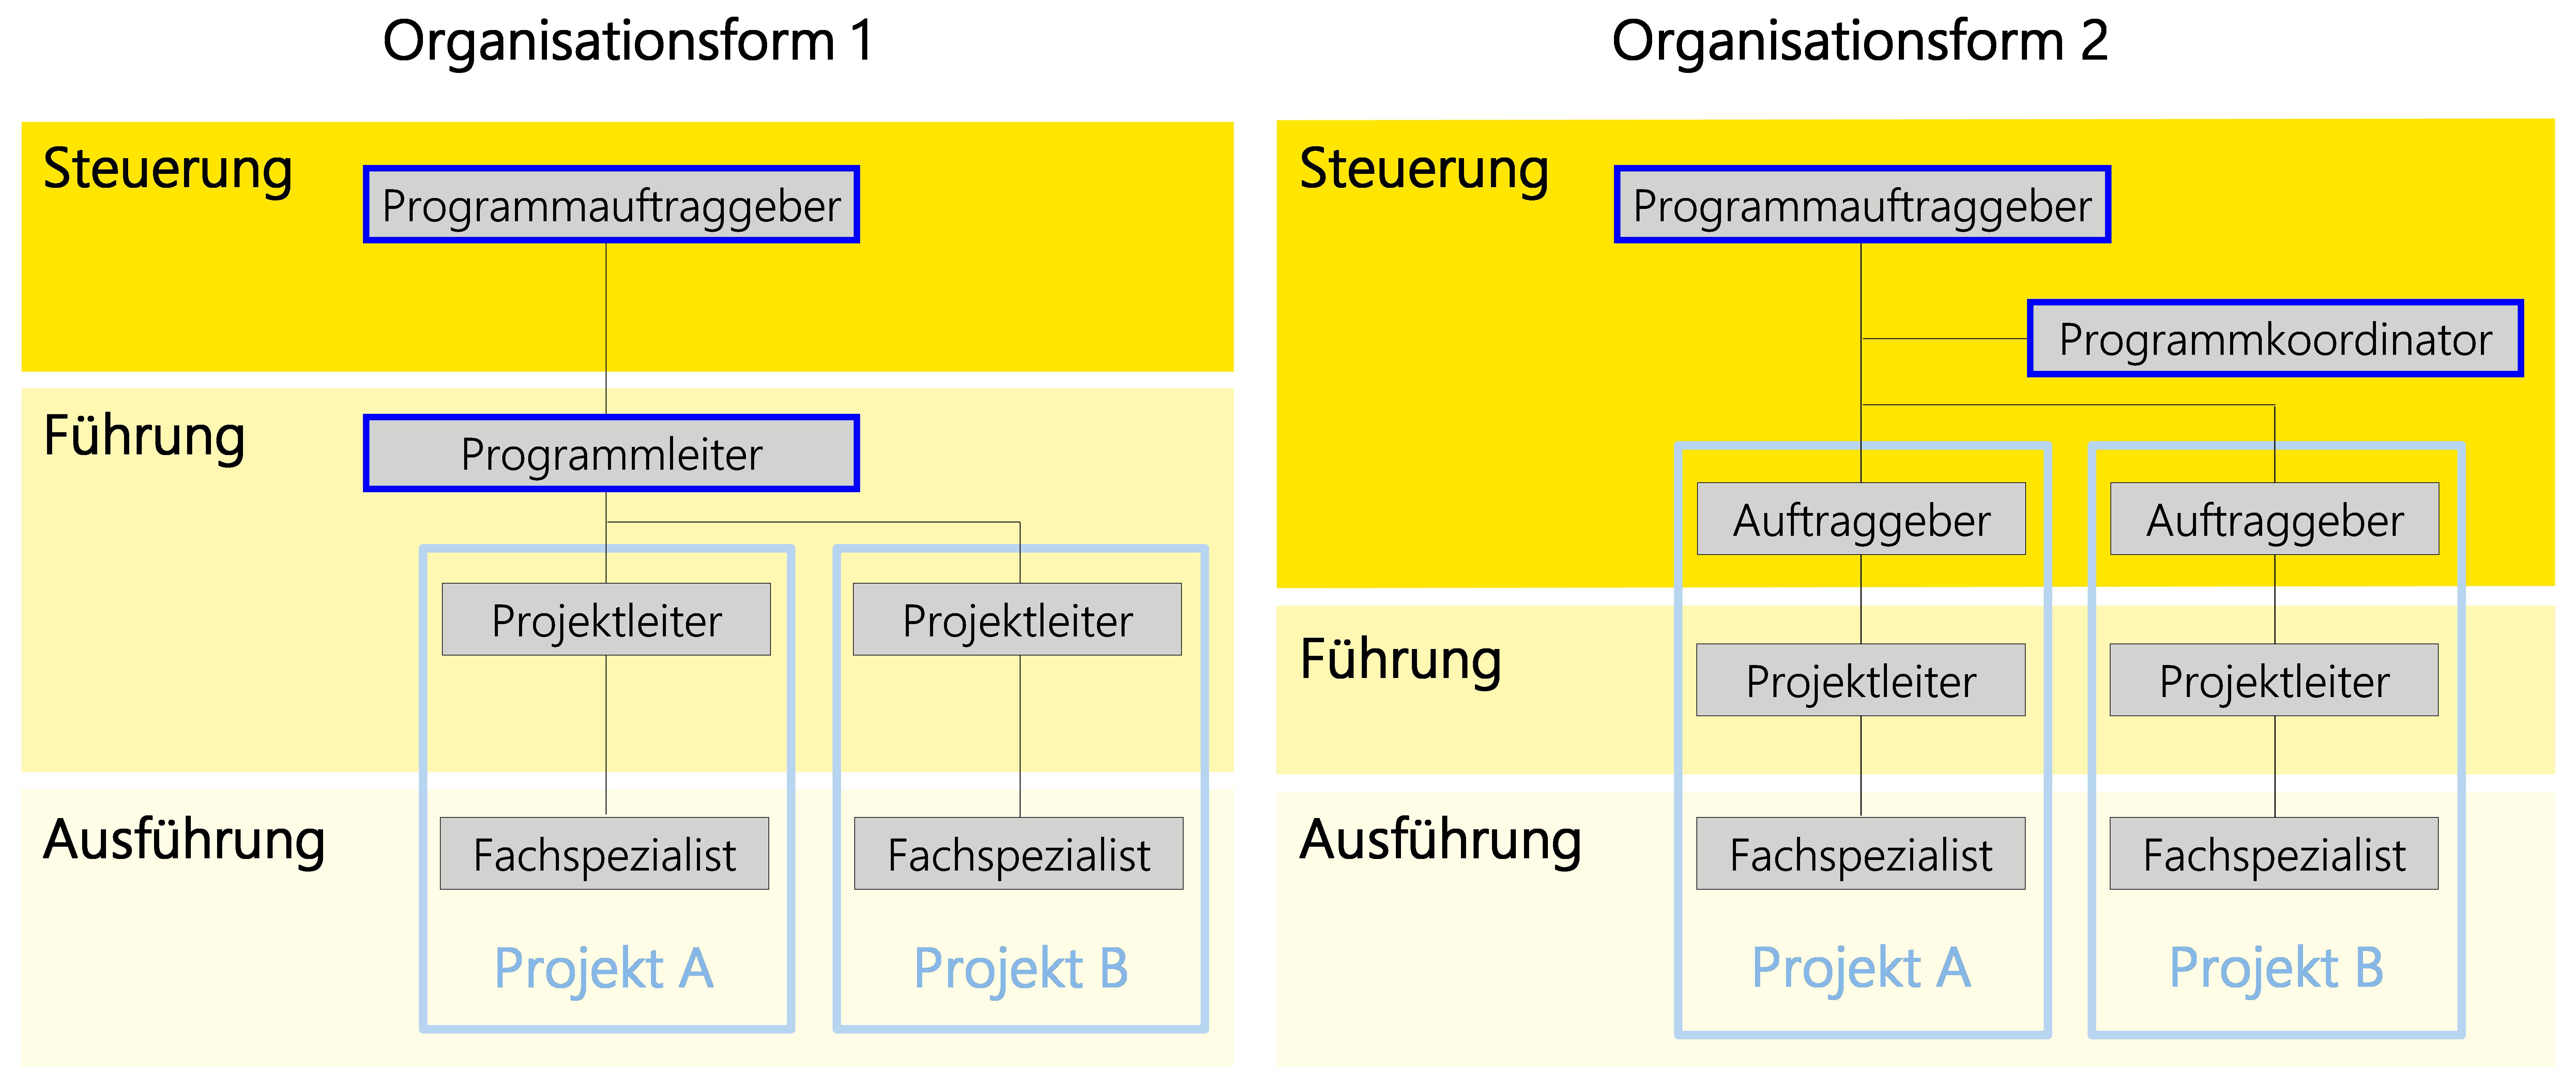 Abbildung7: Übersicht über die zwei dokumentierten Organisationsformen